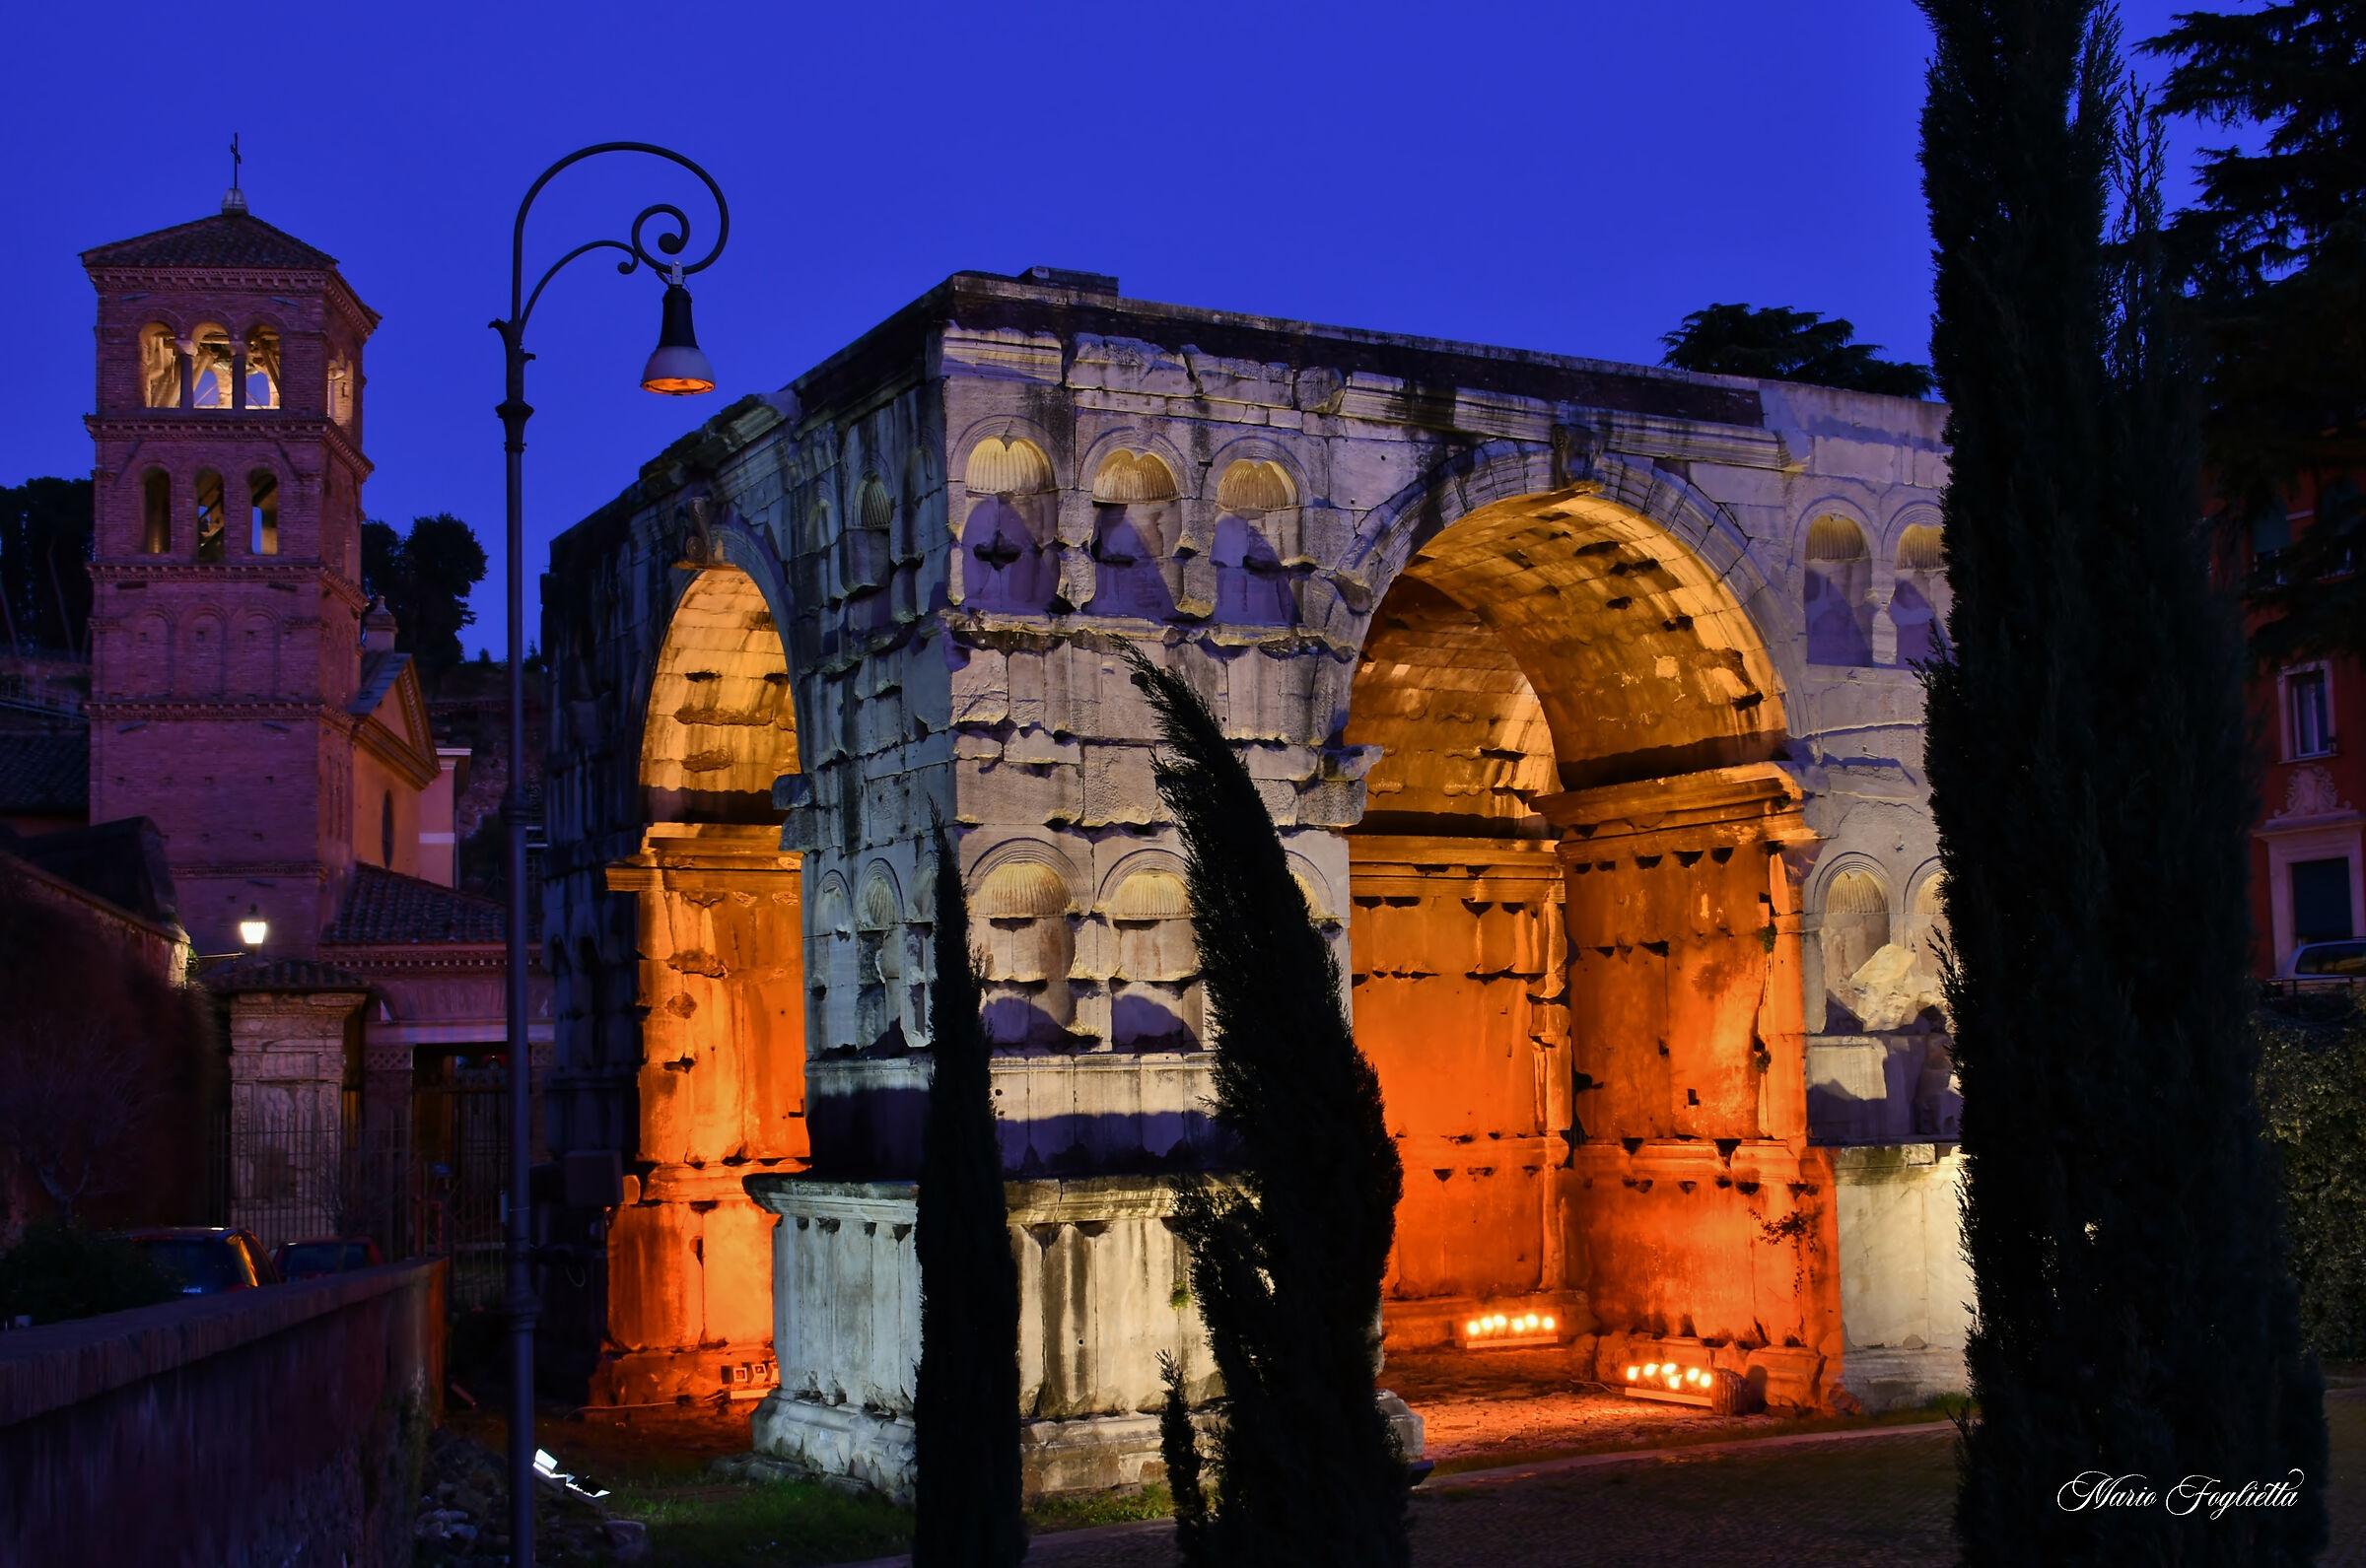 Arch of Janus...